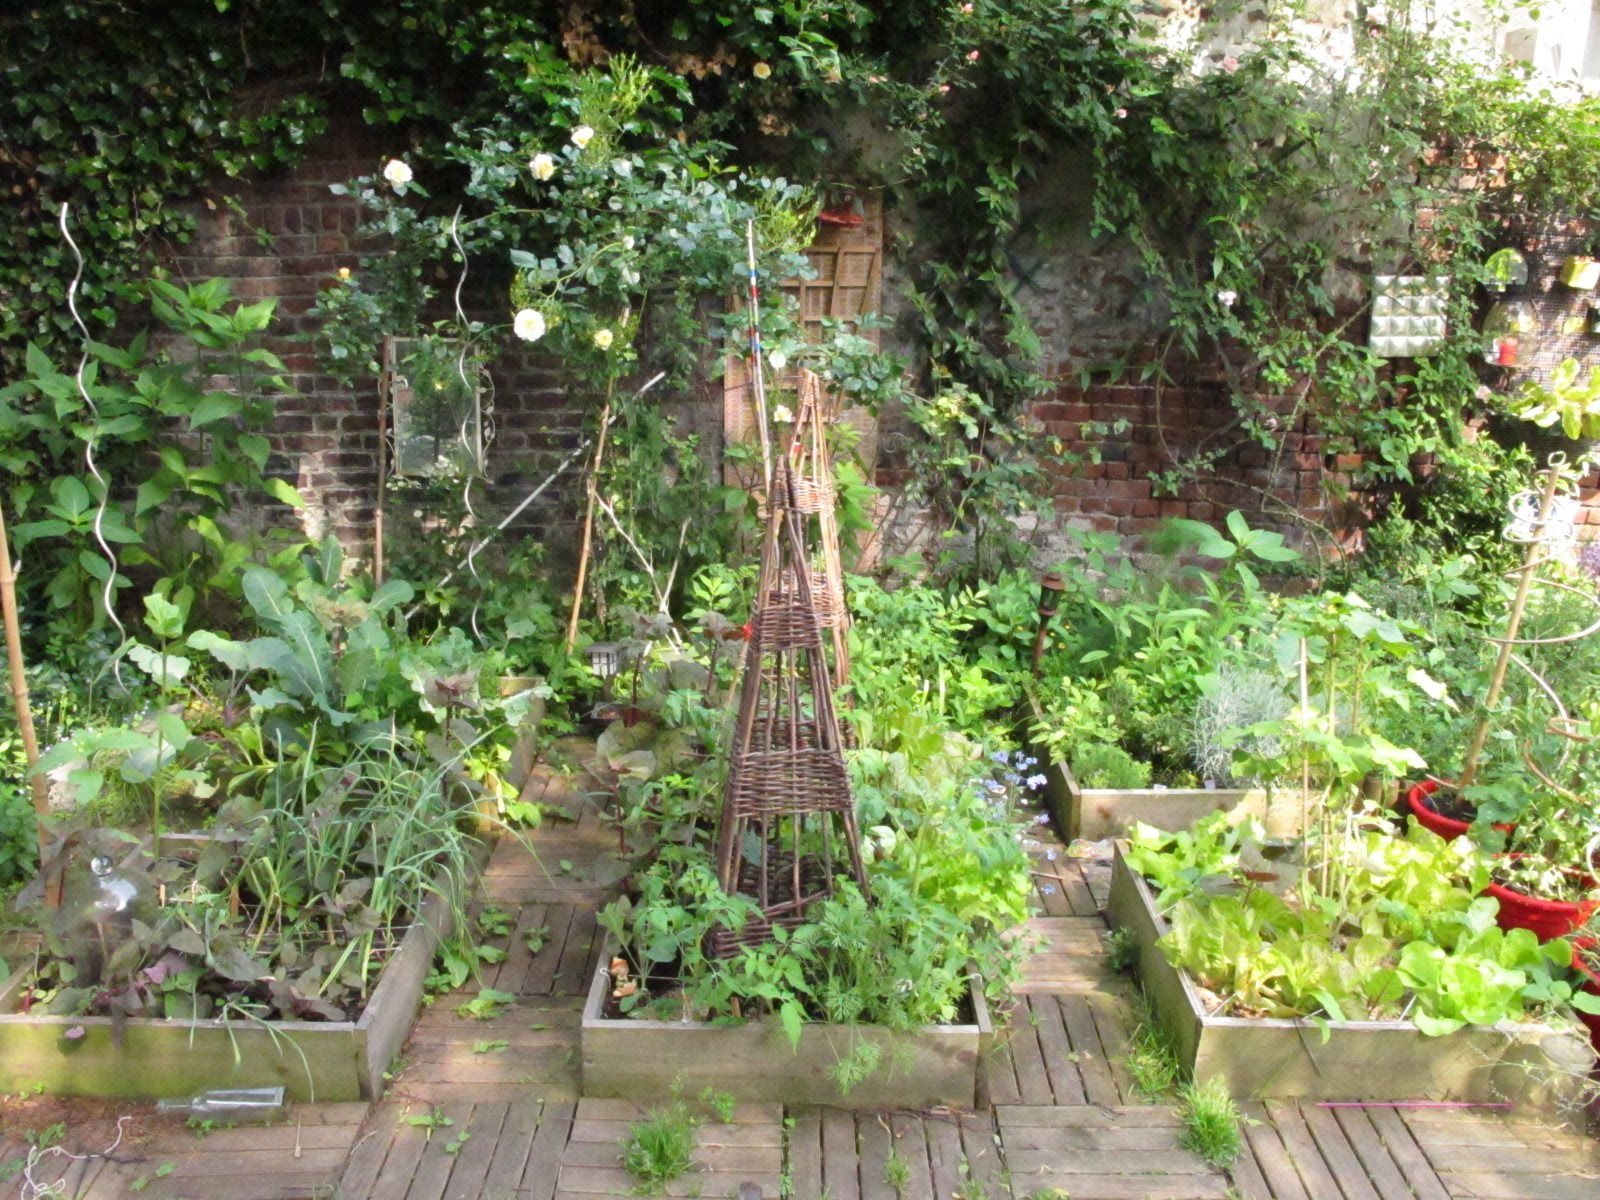 Et les roseaux jaseurs the chattering reeds un - Arrosage automatique jardin potager ...